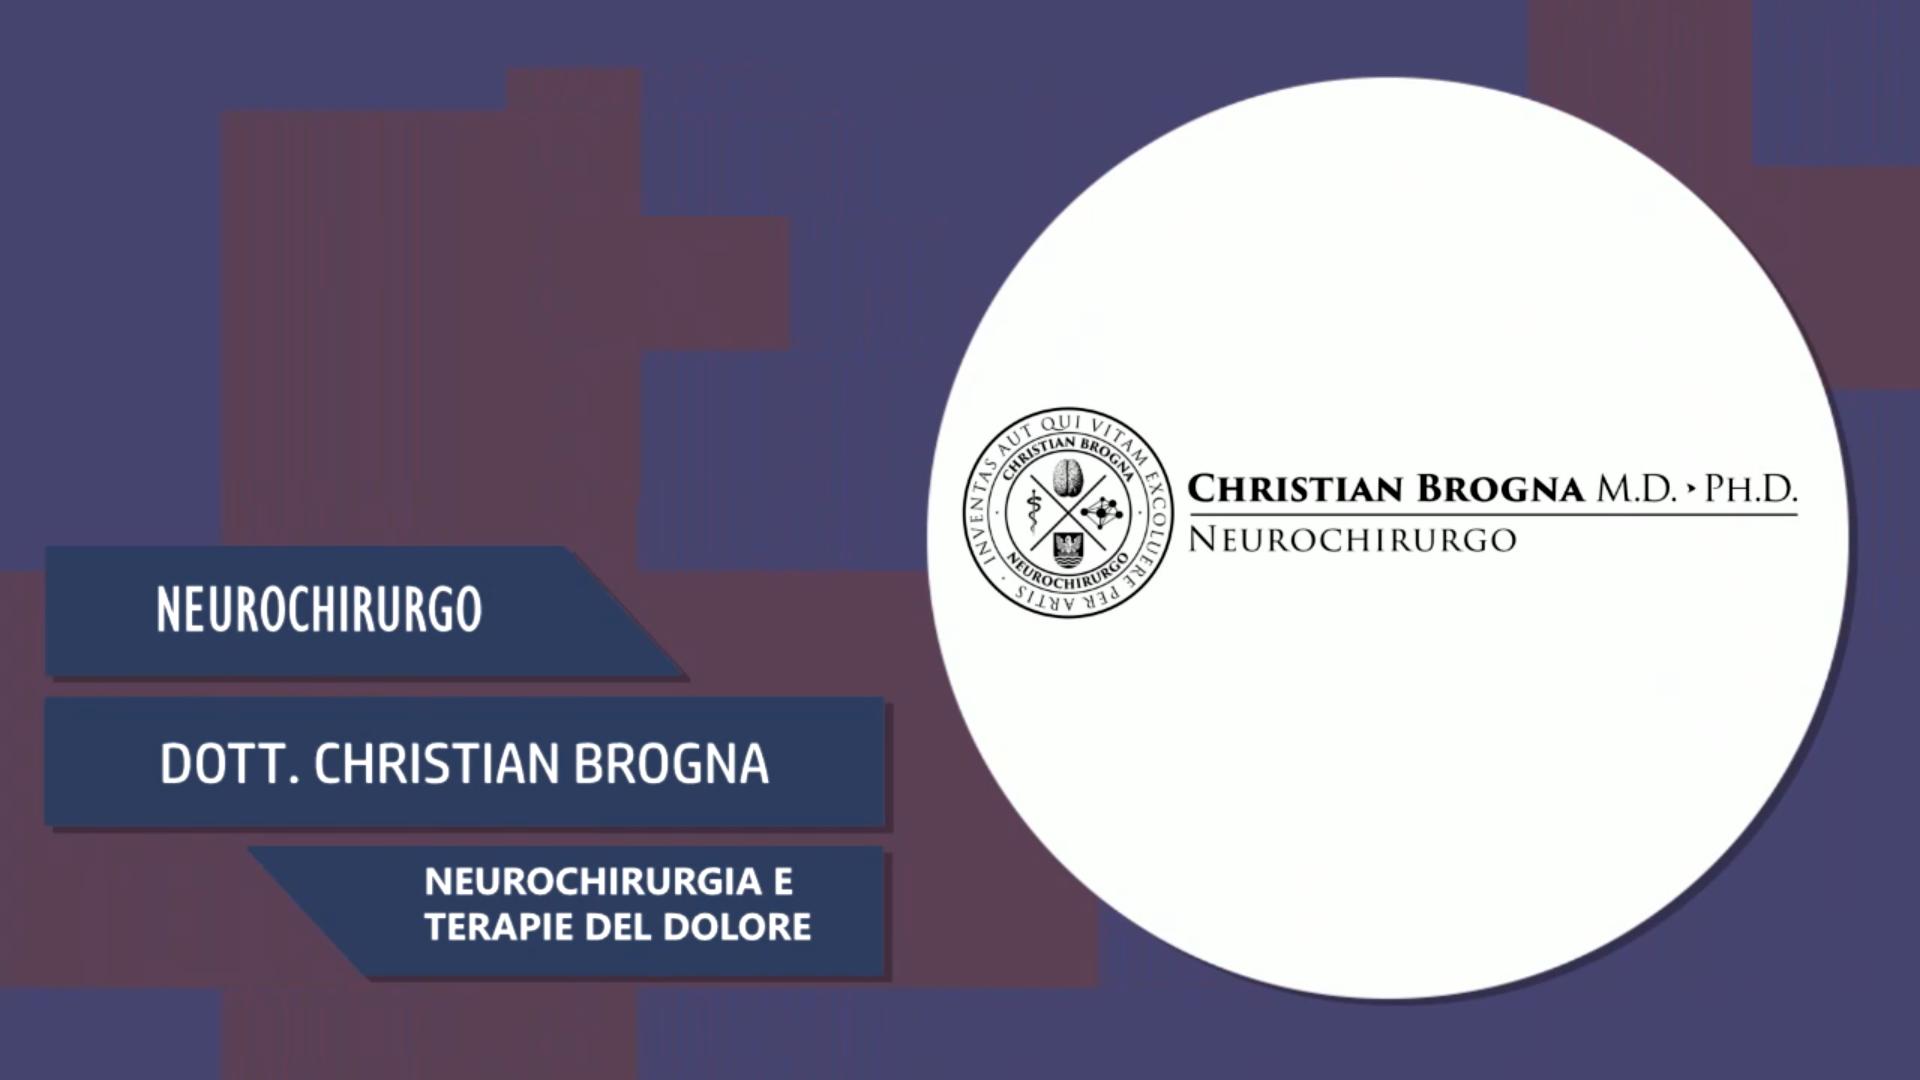 Intervista al Dott. Christian Brogna – Neurochirurgia e terapie del dolore